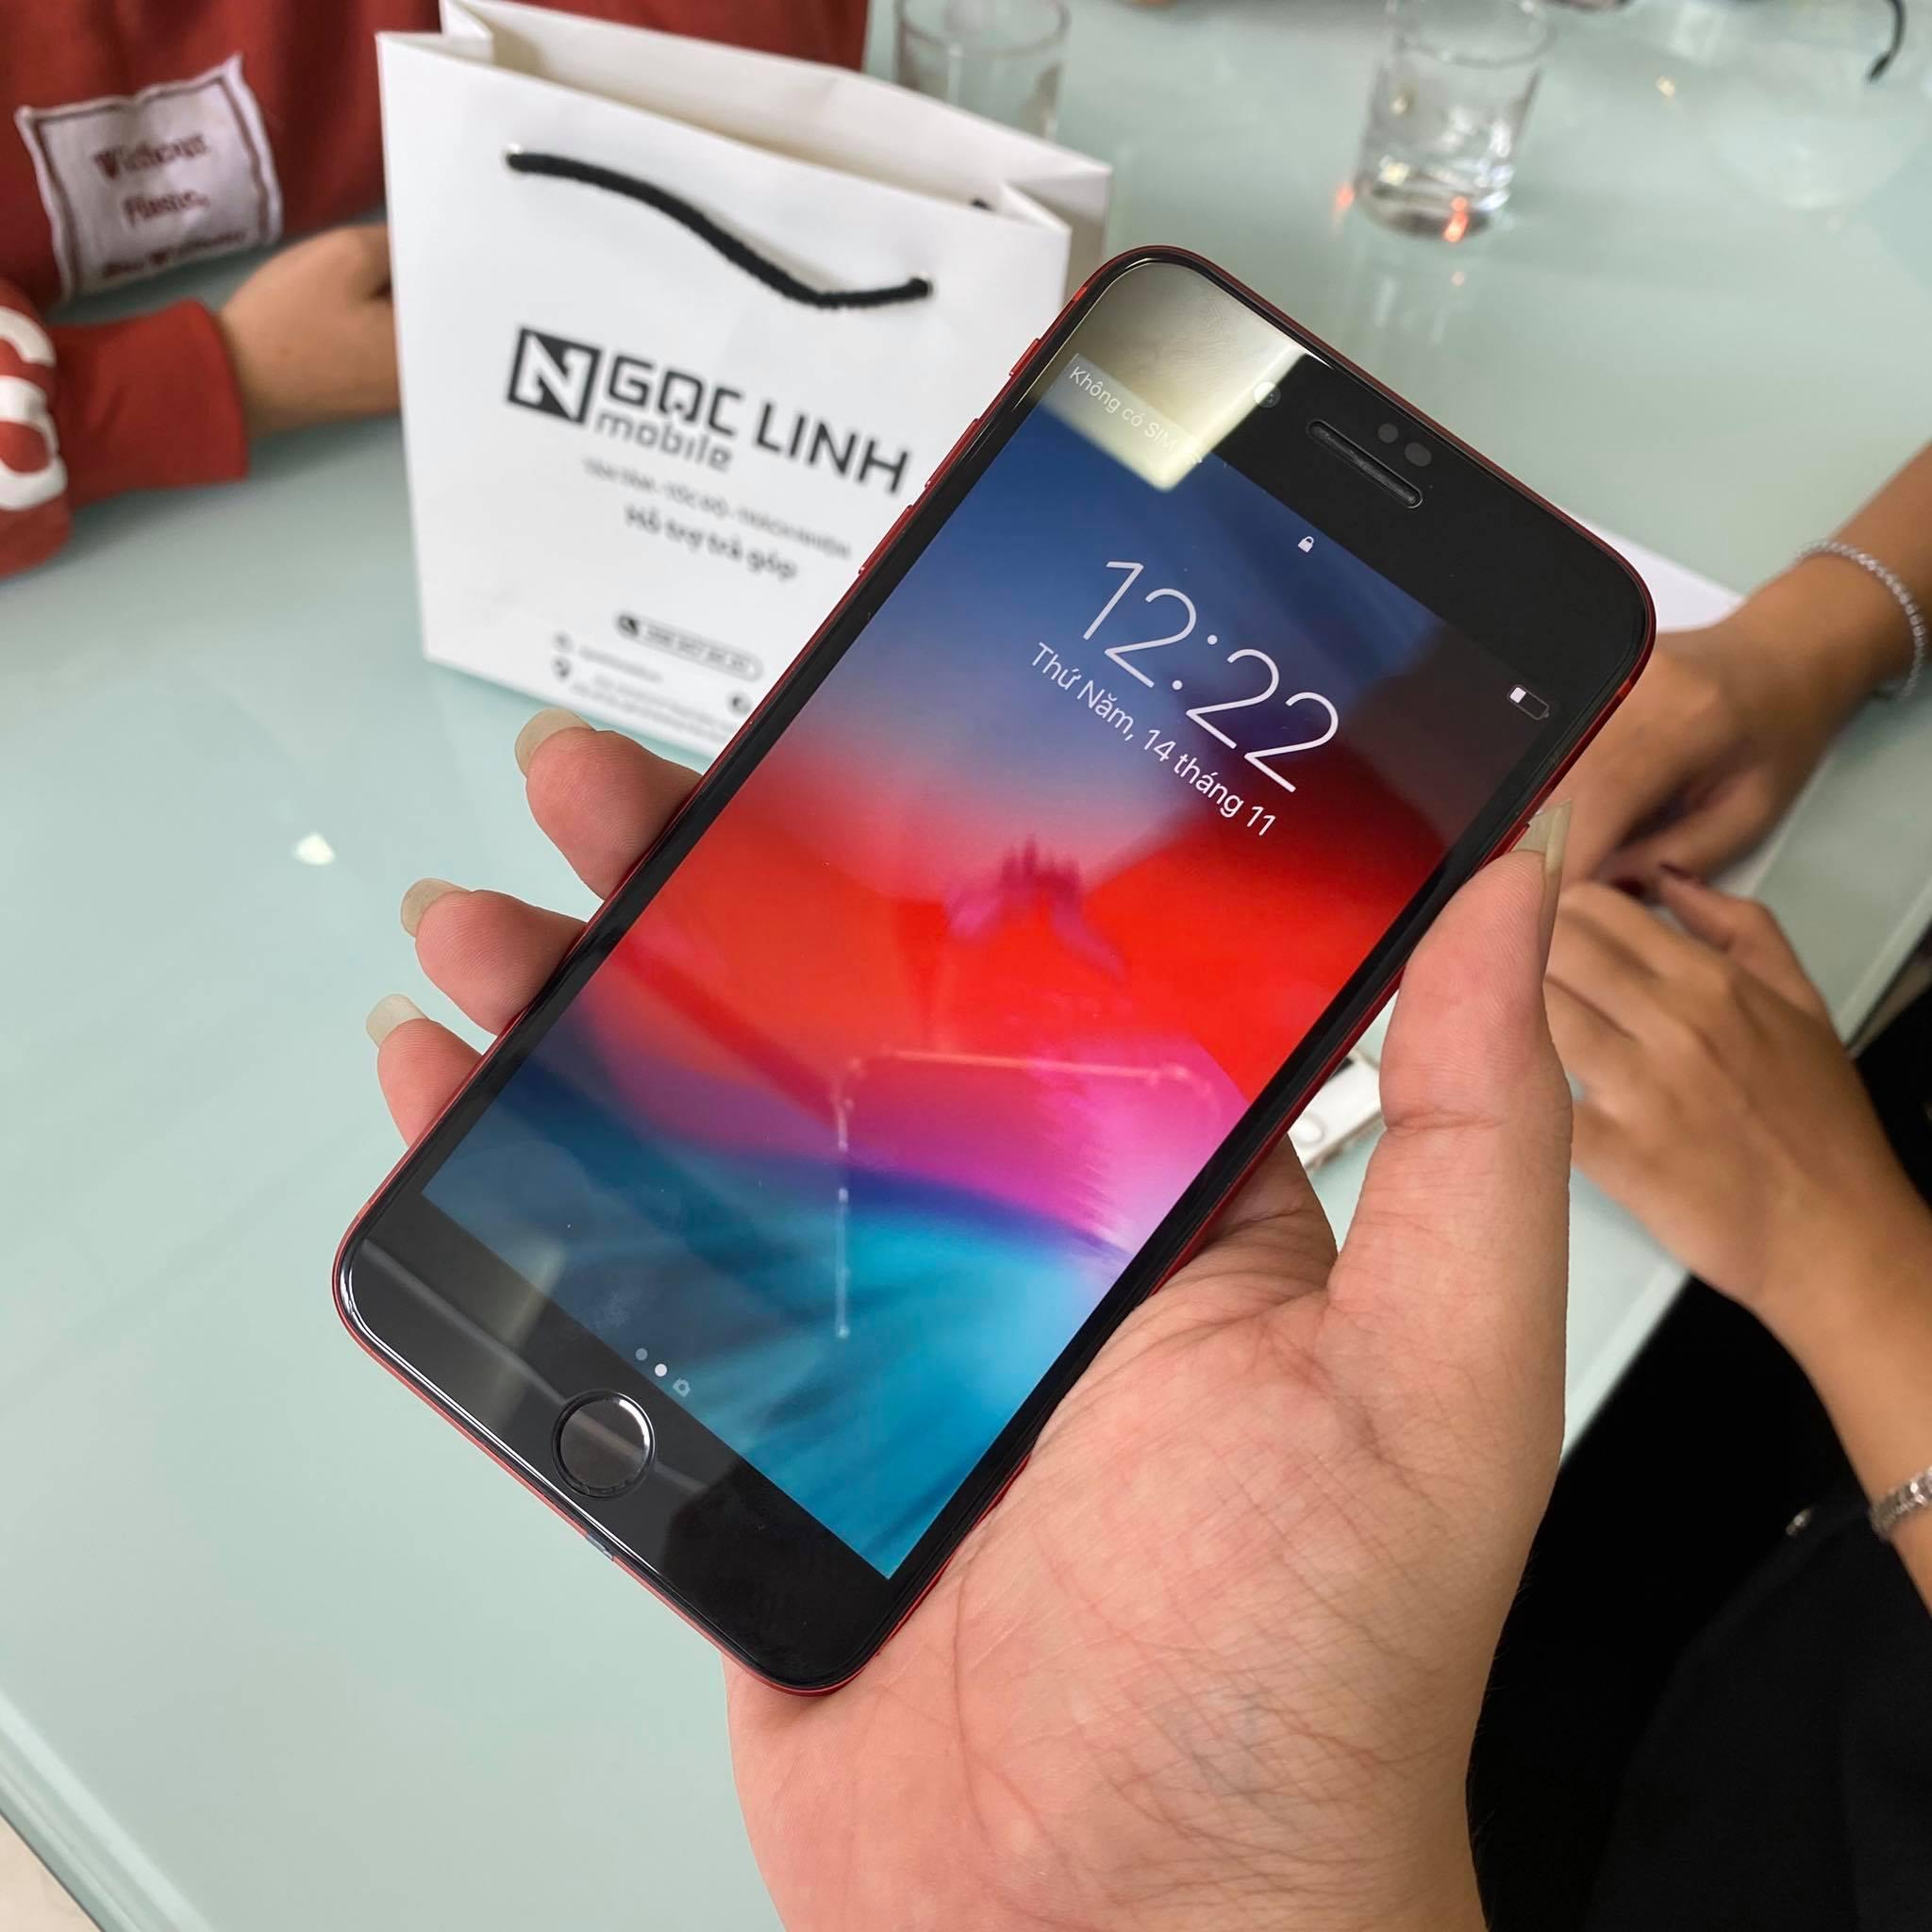 iPhone 8 Plus - Tại sao vẫn có nhiều lựa chọn dành cho iPhone 8 Plus